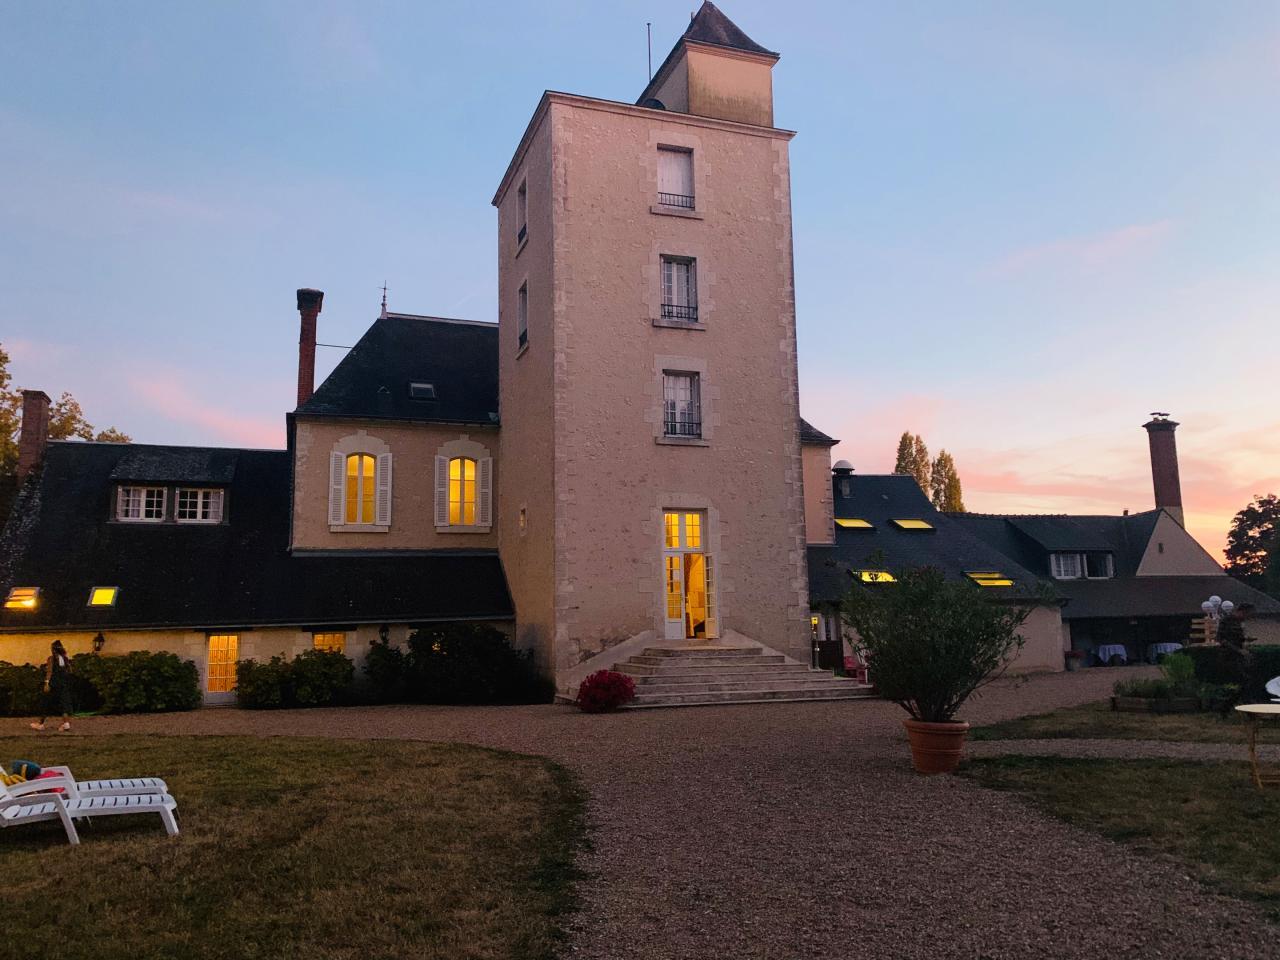 Hotel Relais des Landes - Terrace - Garden